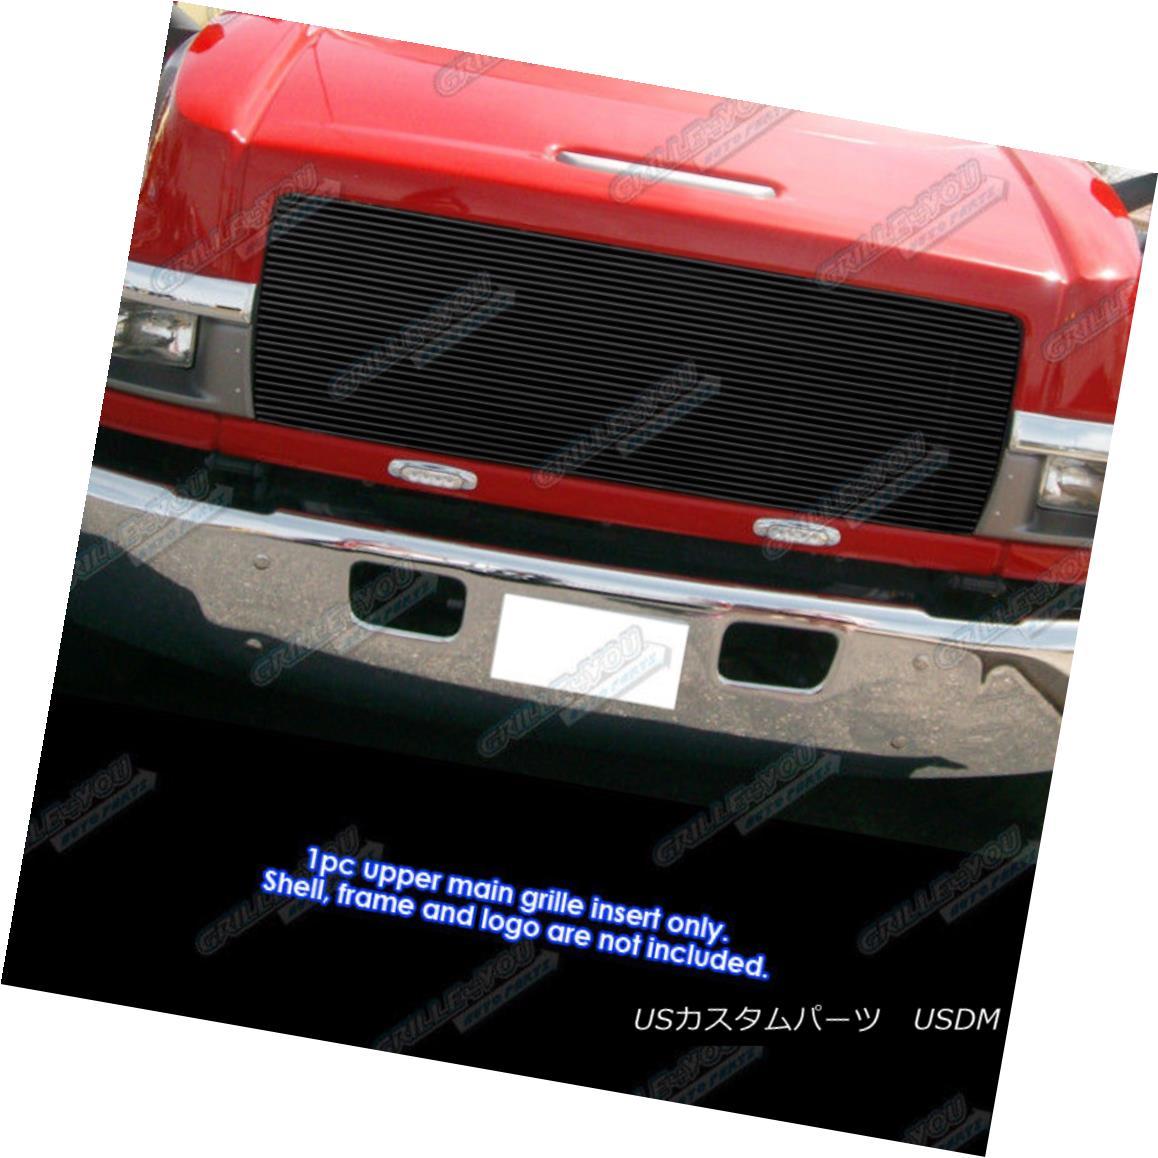 グリル Fits 2003-2009 Chevy Kodiak C4500/C5500/C6500 Black Billet Grille Insert 2003-2009 Chevy Kodiak C4500 / C5500 / C6に適合します。 500 Black Billet Grille Insert